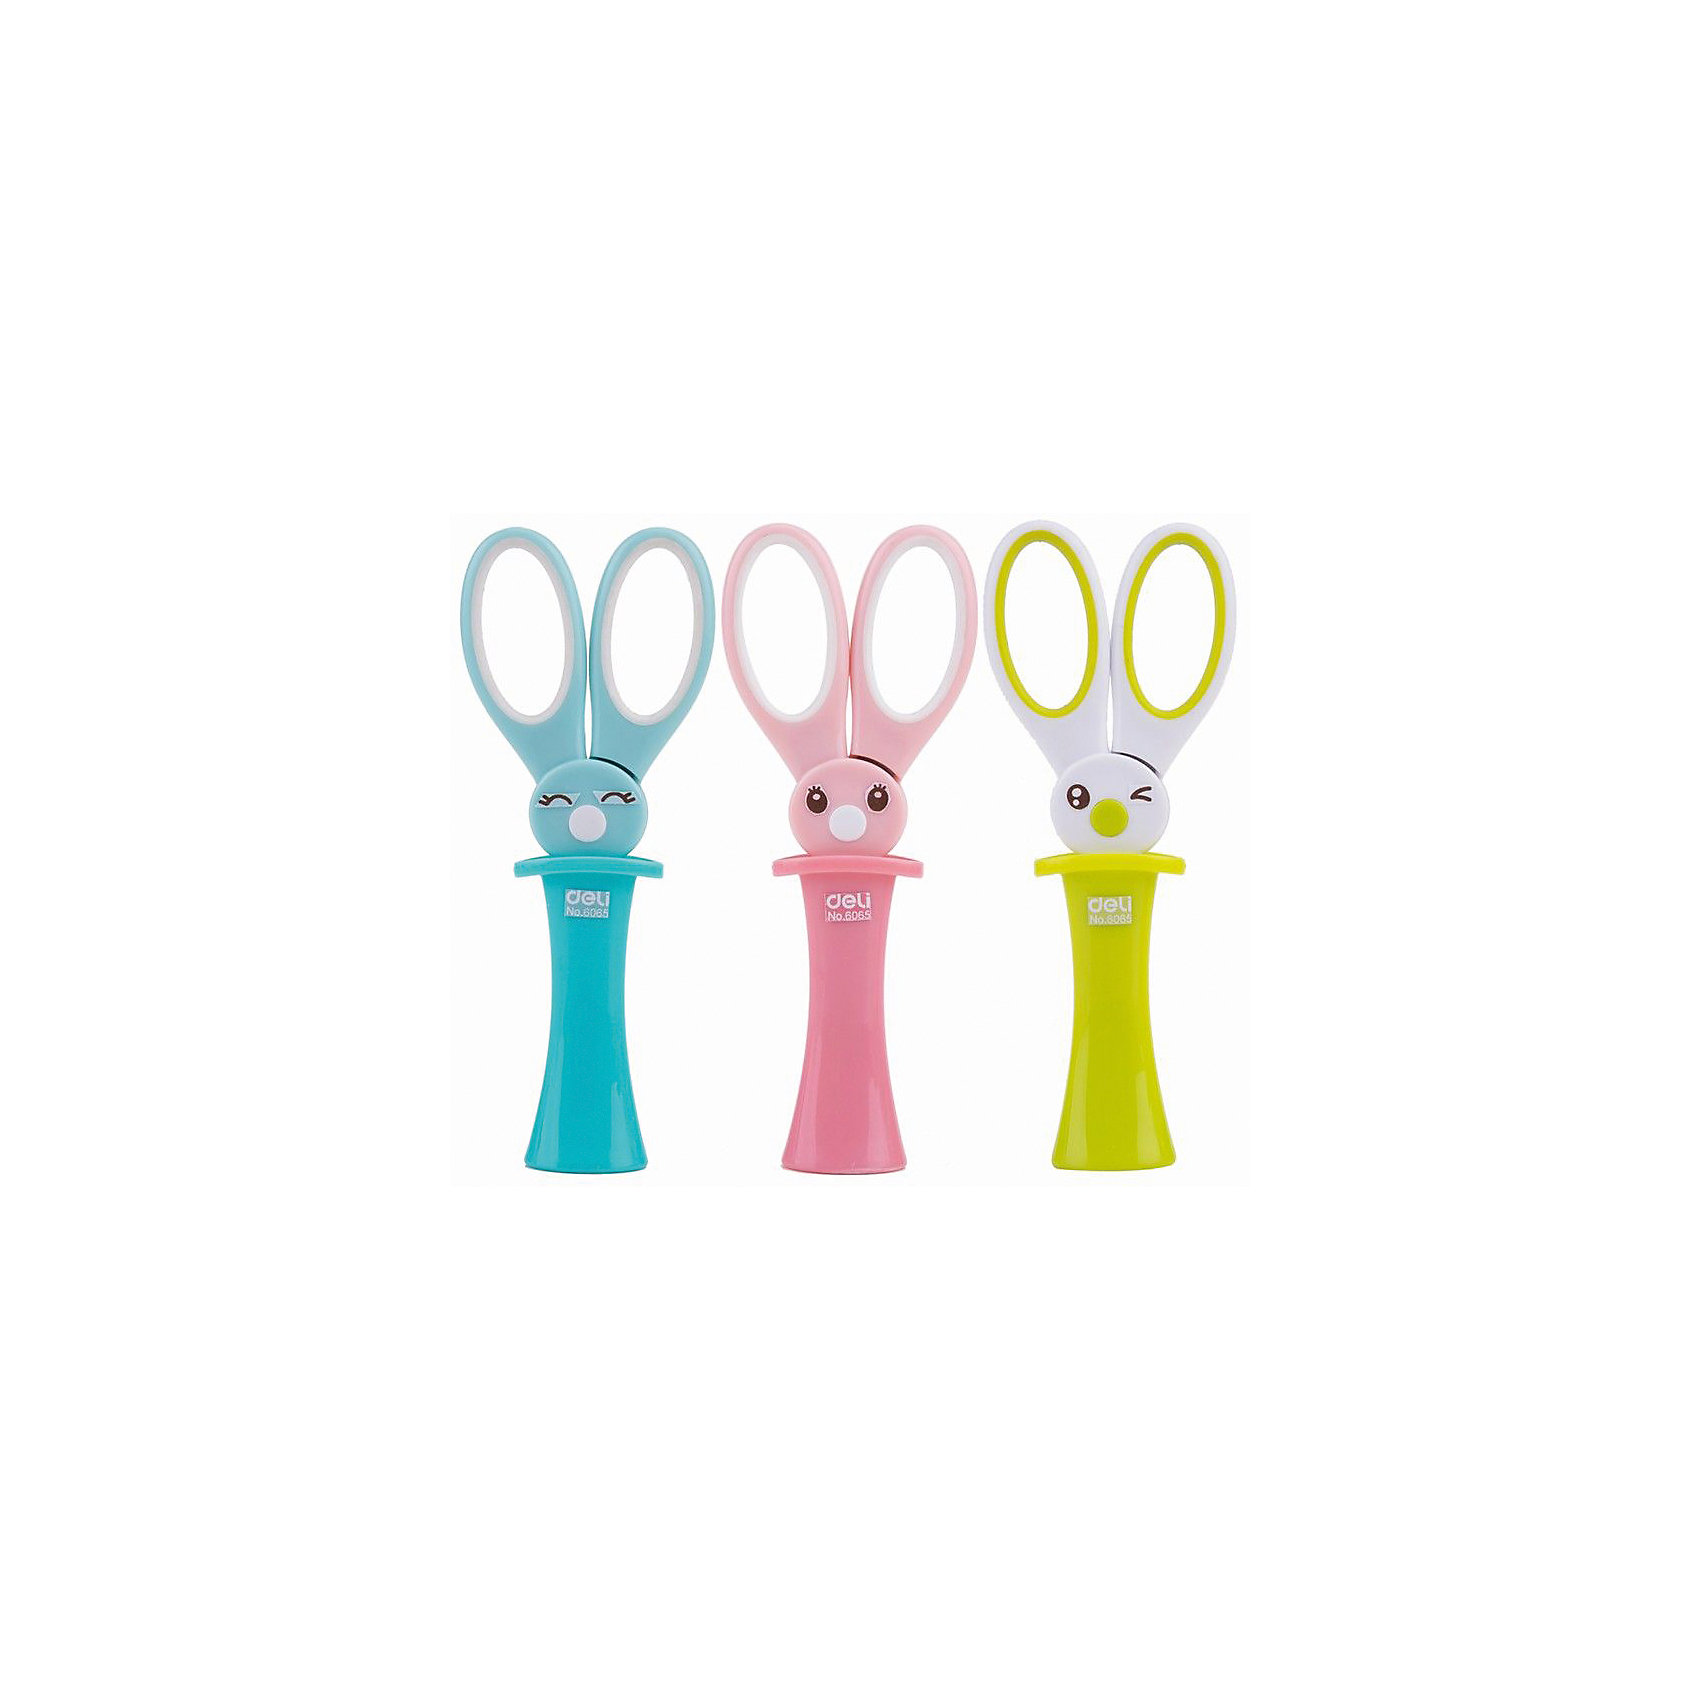 Deli Ножницы Magic Rabbit детские 137 мм, цвета с ассортименте.Школьные аксессуары<br>Яркие детские ножницы Волшебный Кролик в защитном футляре, который  также служит подставкой. Ножницы из высококачественной стали с лазерной заточкой и безопасными закругленными концами. Прорезиненные ручки для мягкого захвата.<br><br>Ширина мм: 145<br>Глубина мм: 50<br>Высота мм: 20<br>Вес г: 30<br>Возраст от месяцев: 36<br>Возраст до месяцев: 2147483647<br>Пол: Унисекс<br>Возраст: Детский<br>SKU: 6725454